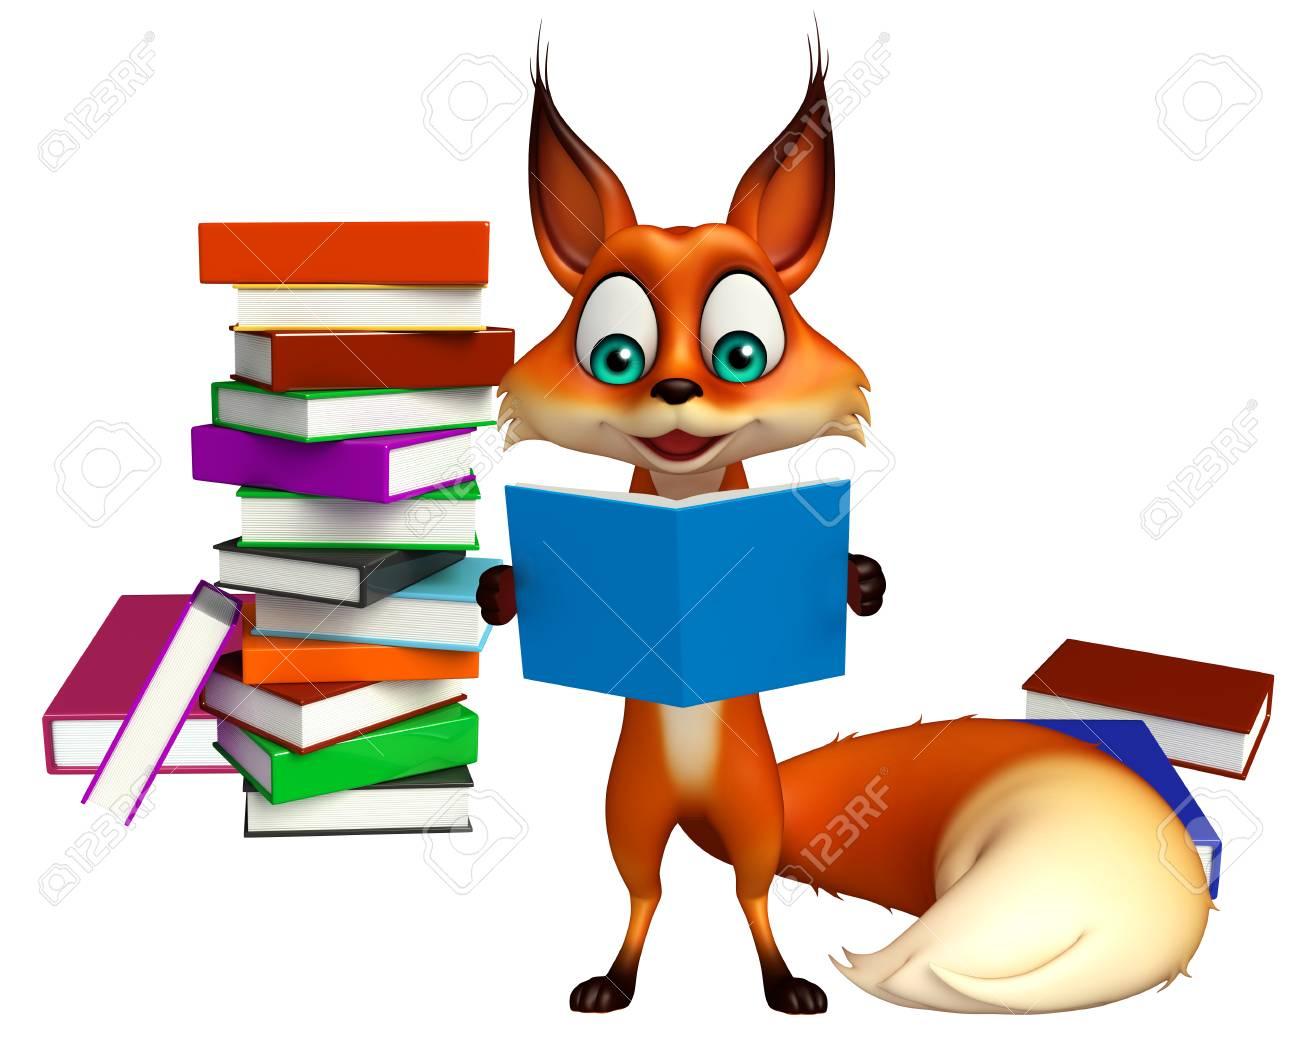 3d Rendu Illustration De Personnage De Dessin Anime Fox Avec Le Livre Pile